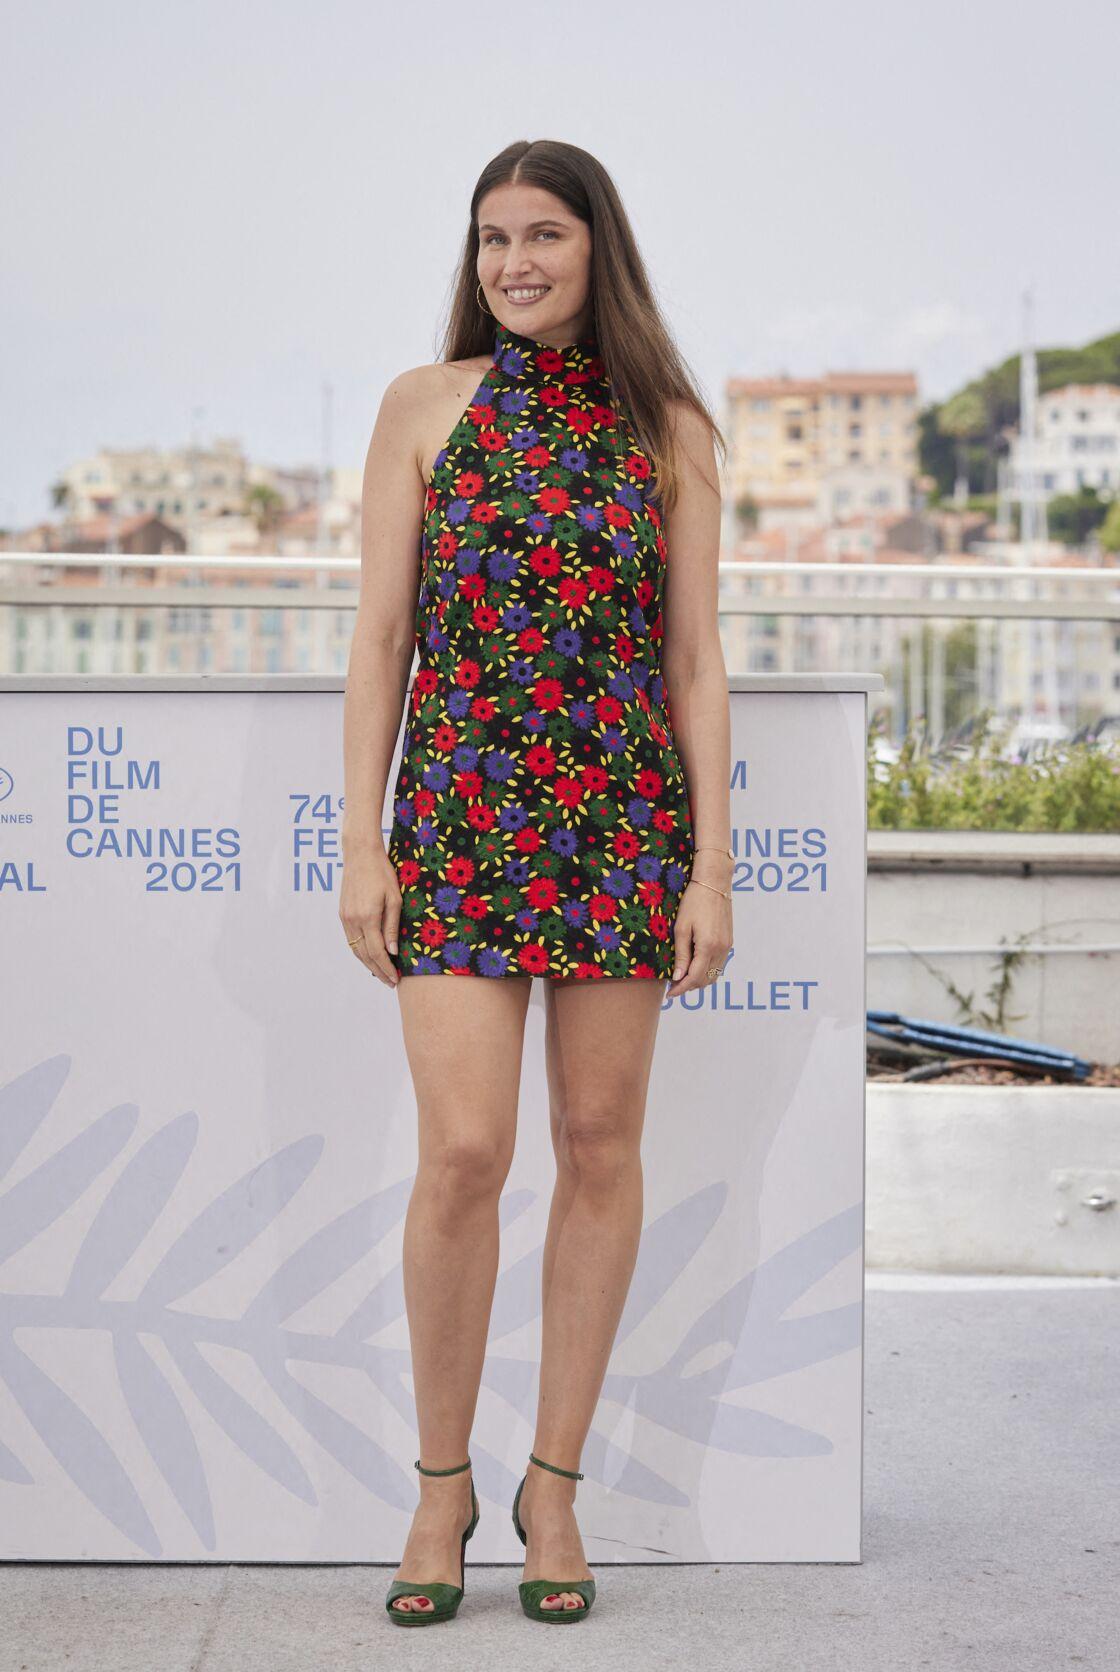 Laetitia Casta en robe courte fleurie Saint Laurent Paris le 12 juillet 2021 à Cannes